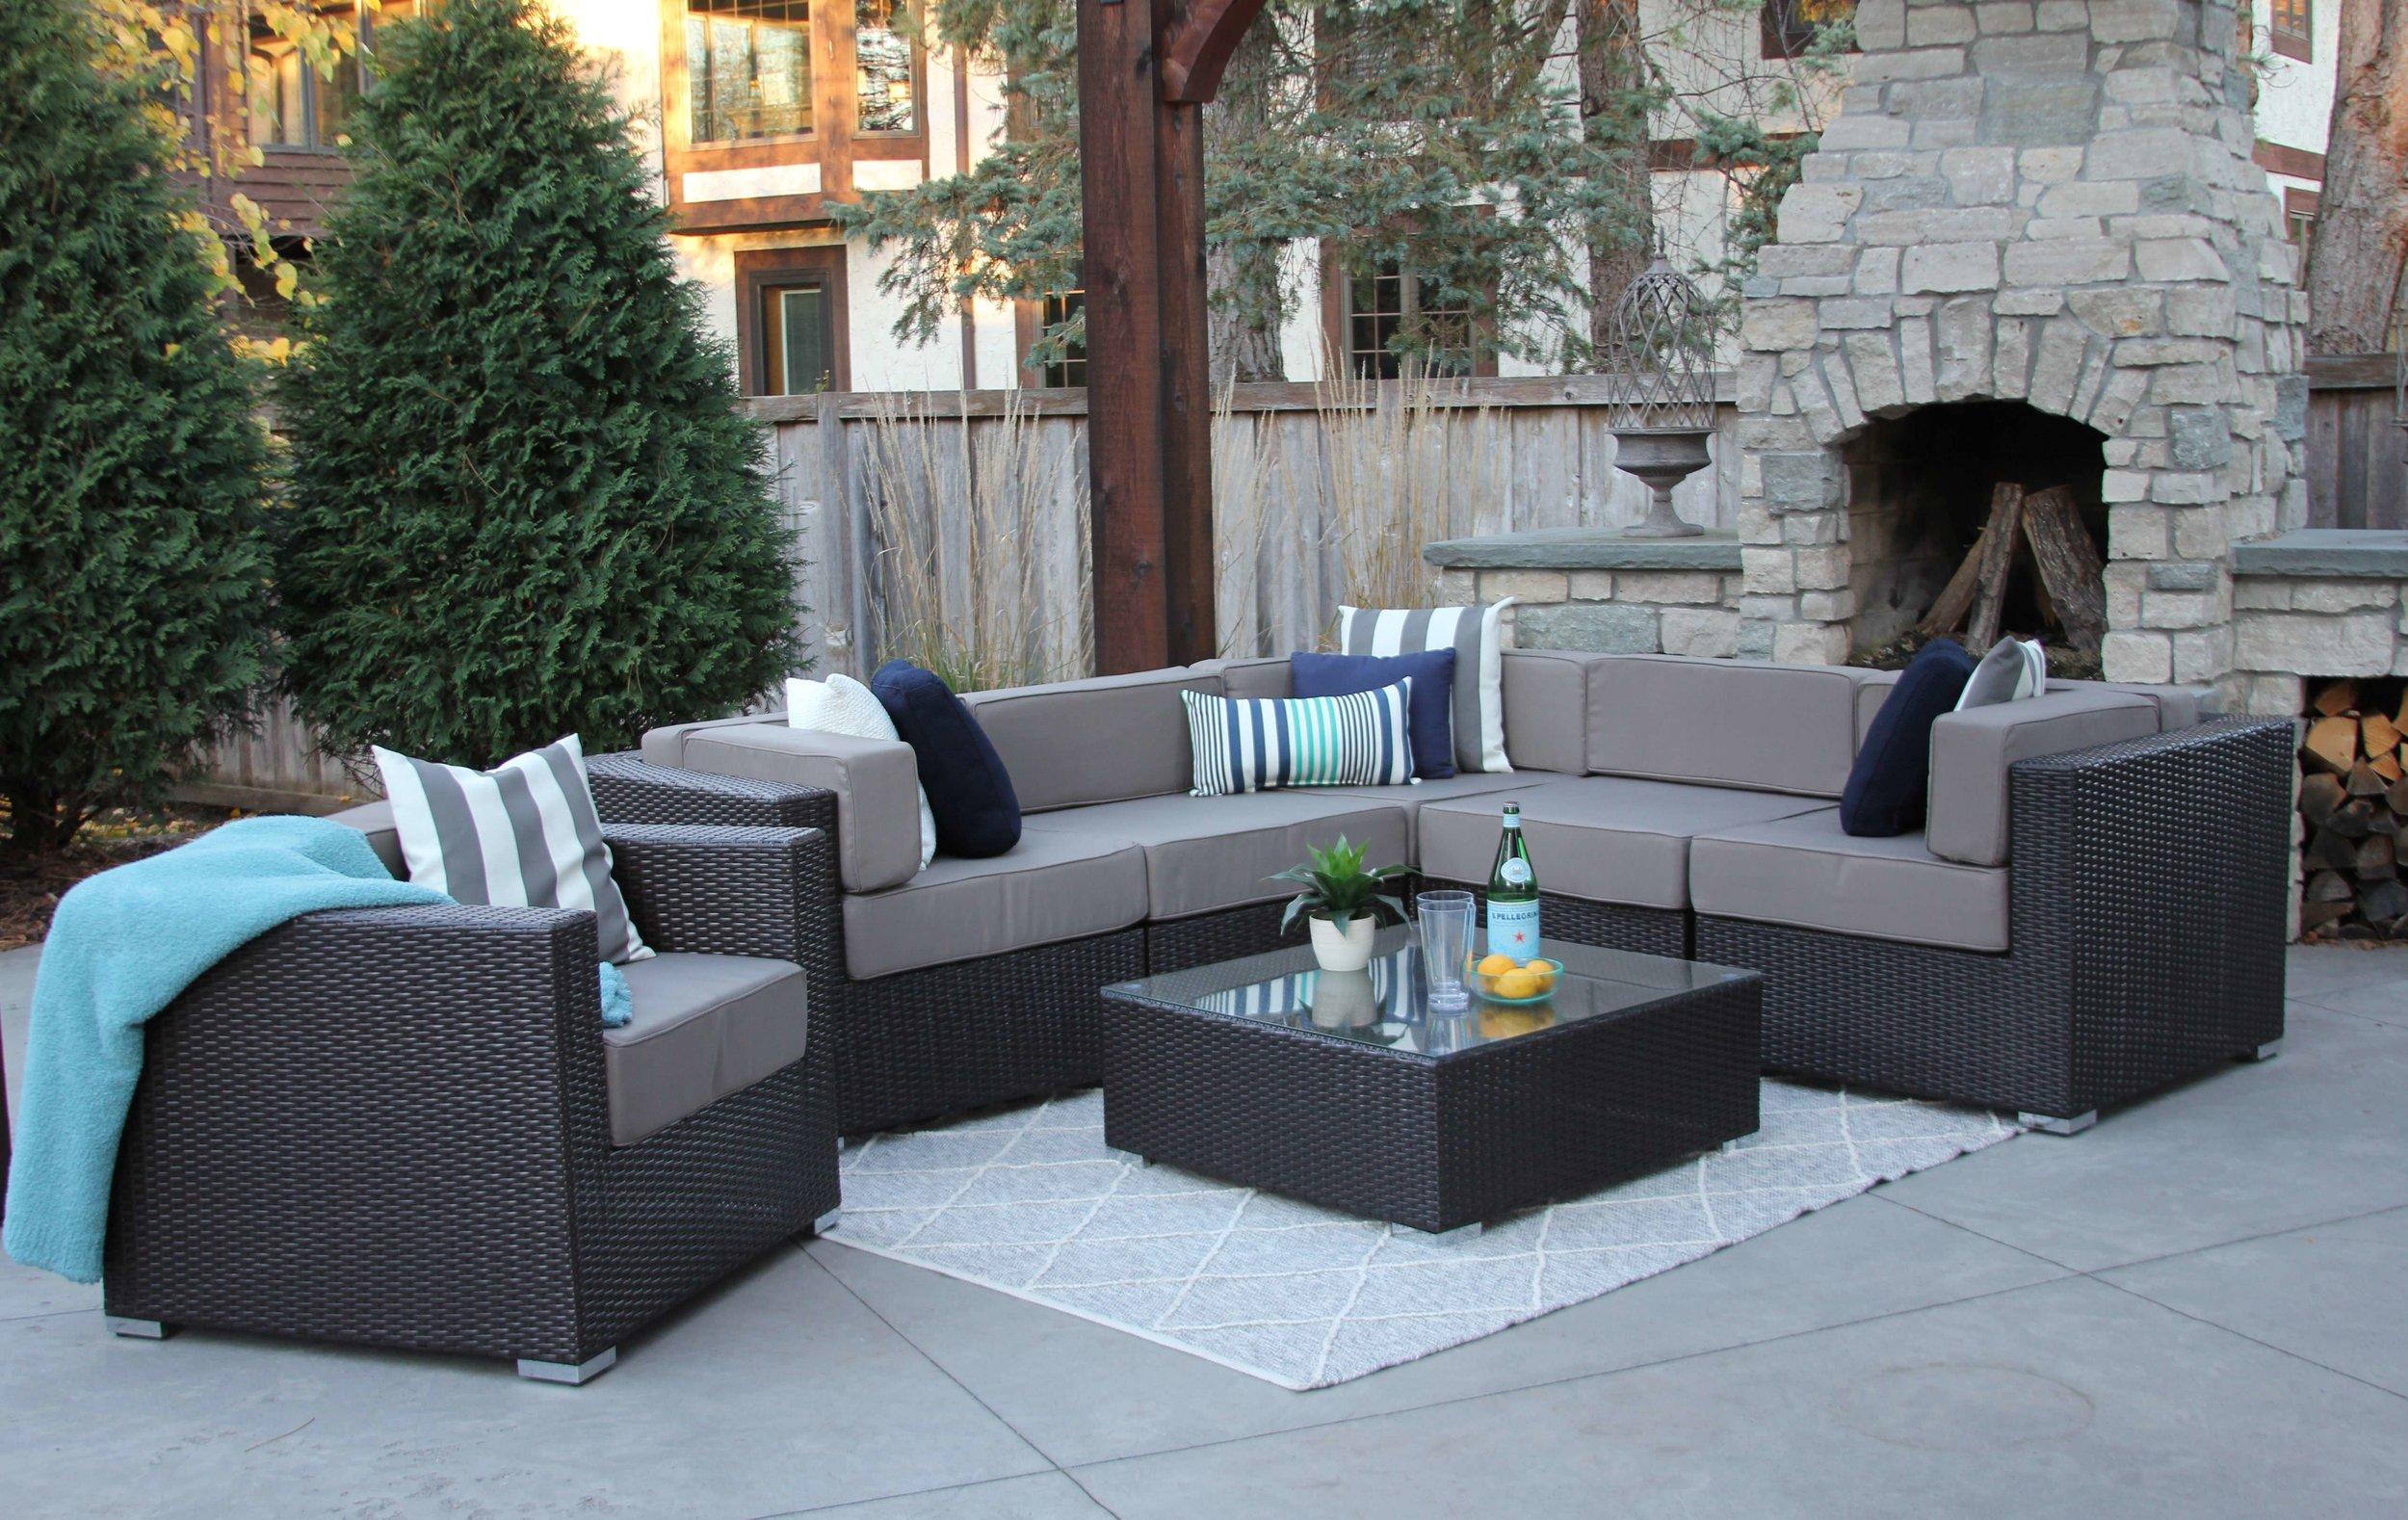 meldecco patio furniture